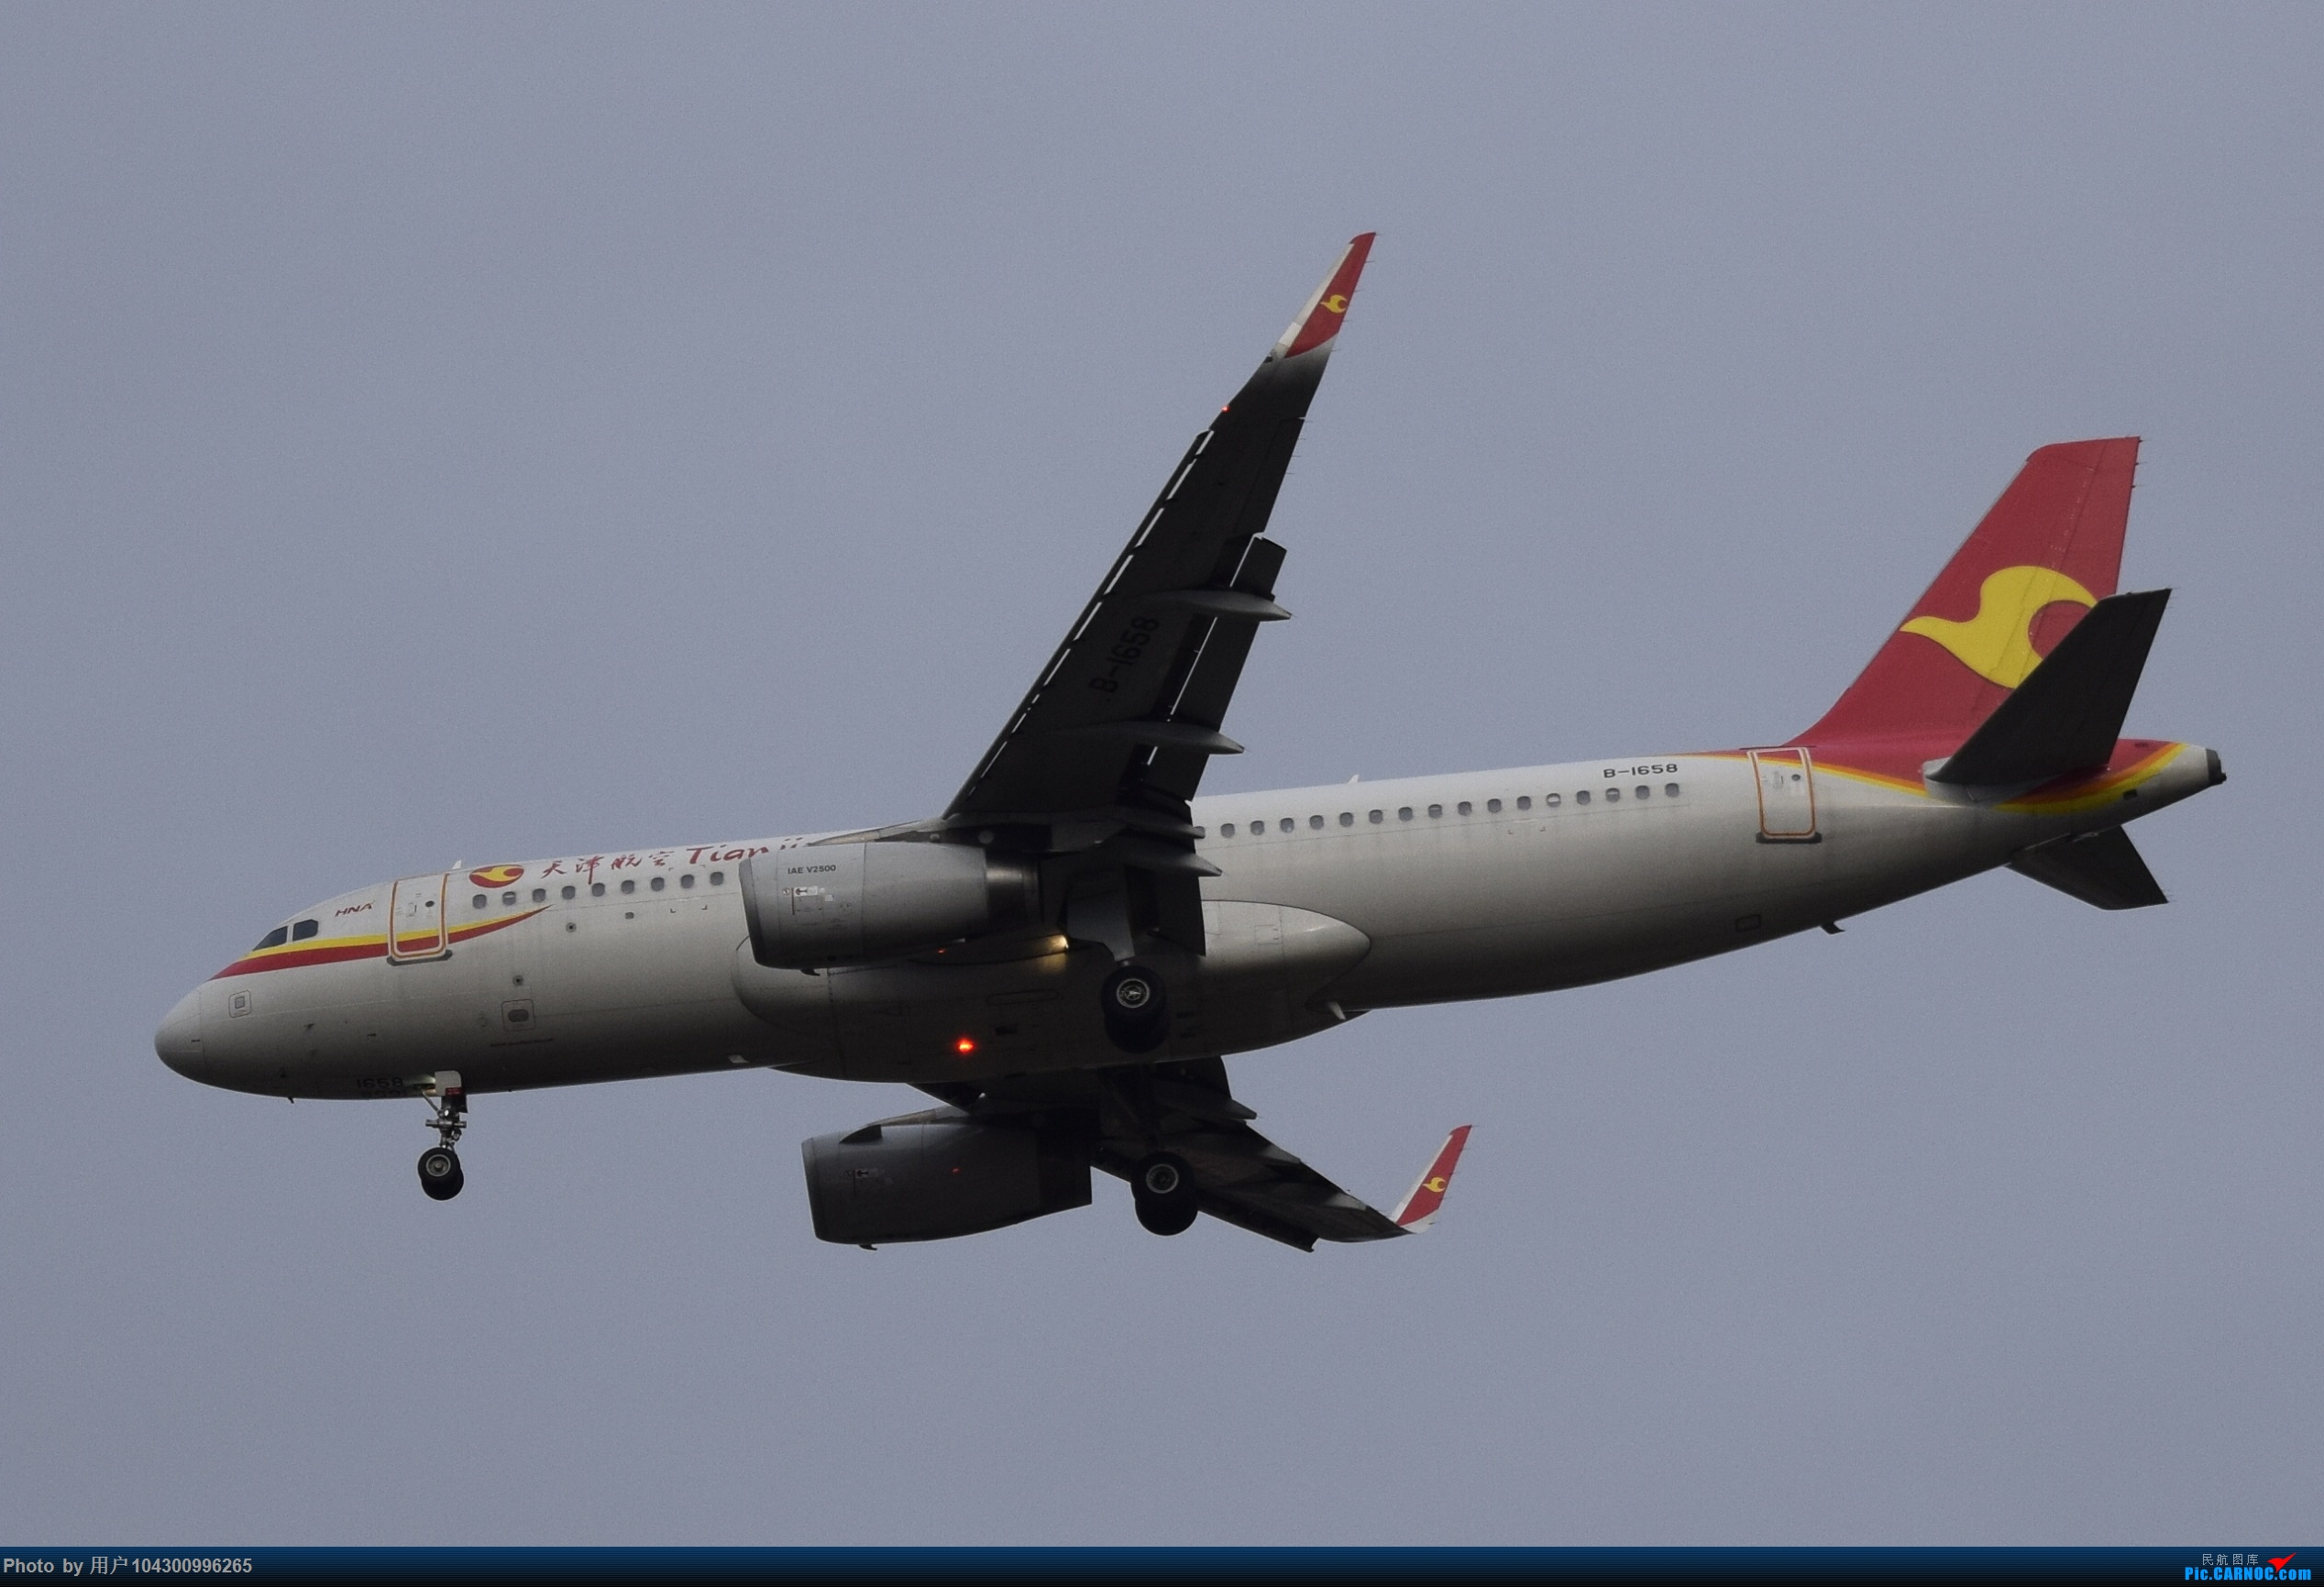 Re:[原创]乌云、雨雾之中的贵阳龙洞堡 AIRBUS A320-200 B-1658 中国贵阳龙洞堡国际机场